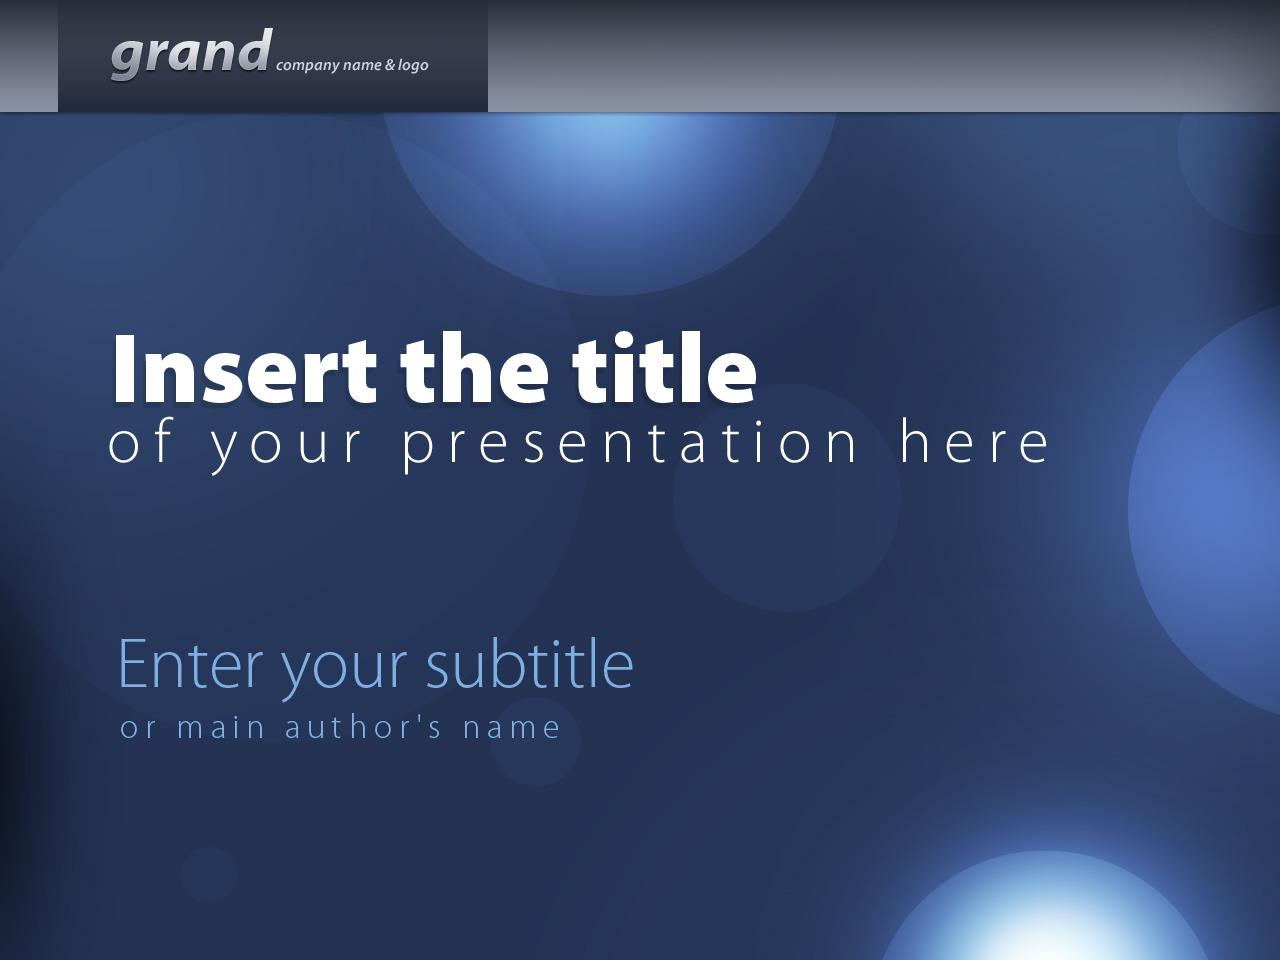 商学院网站PowerPoint 模板 #24220